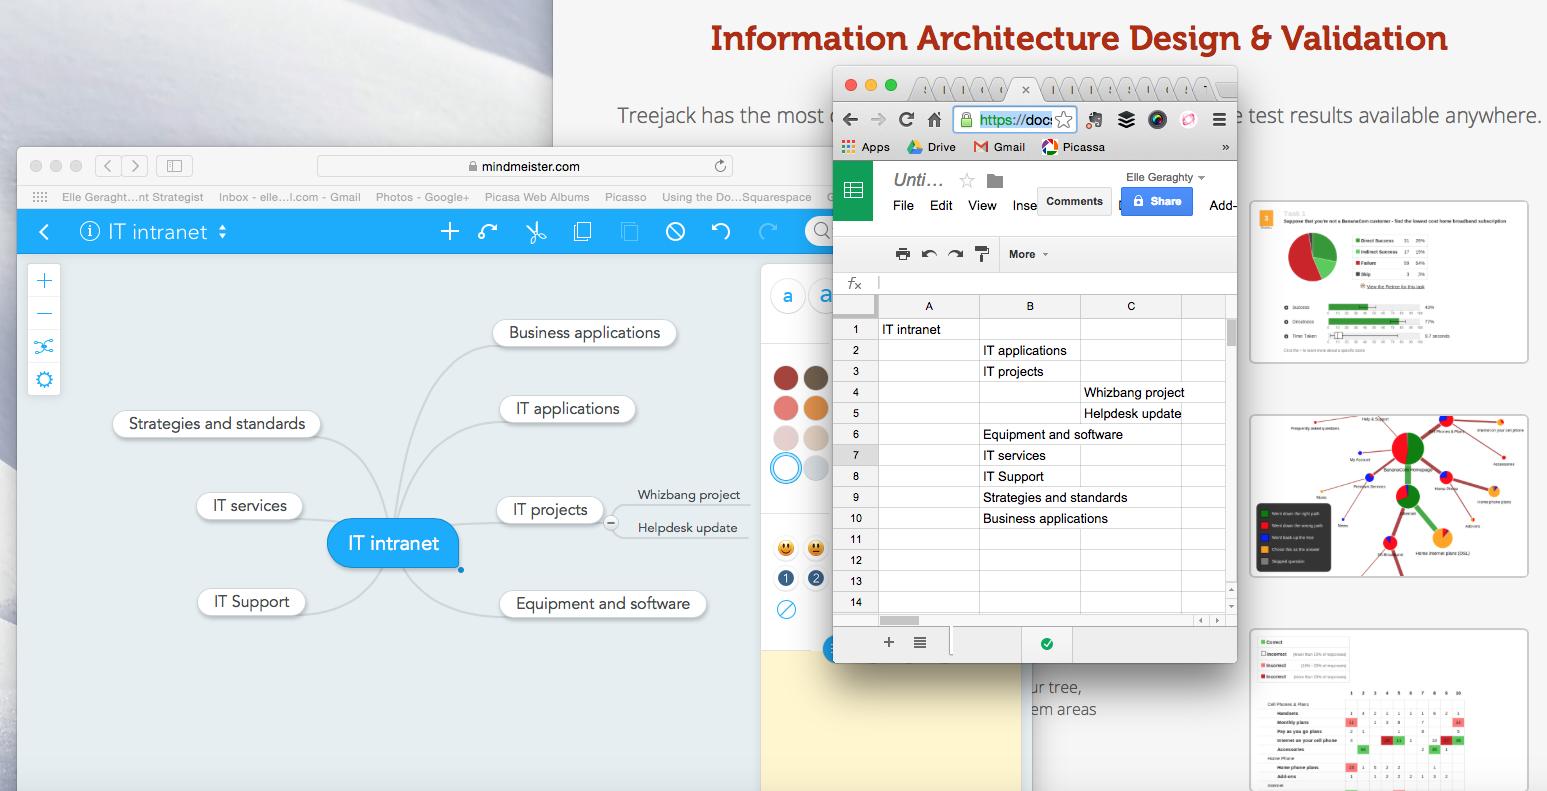 Three tools: Mind Meister, Google Docs and Treejack